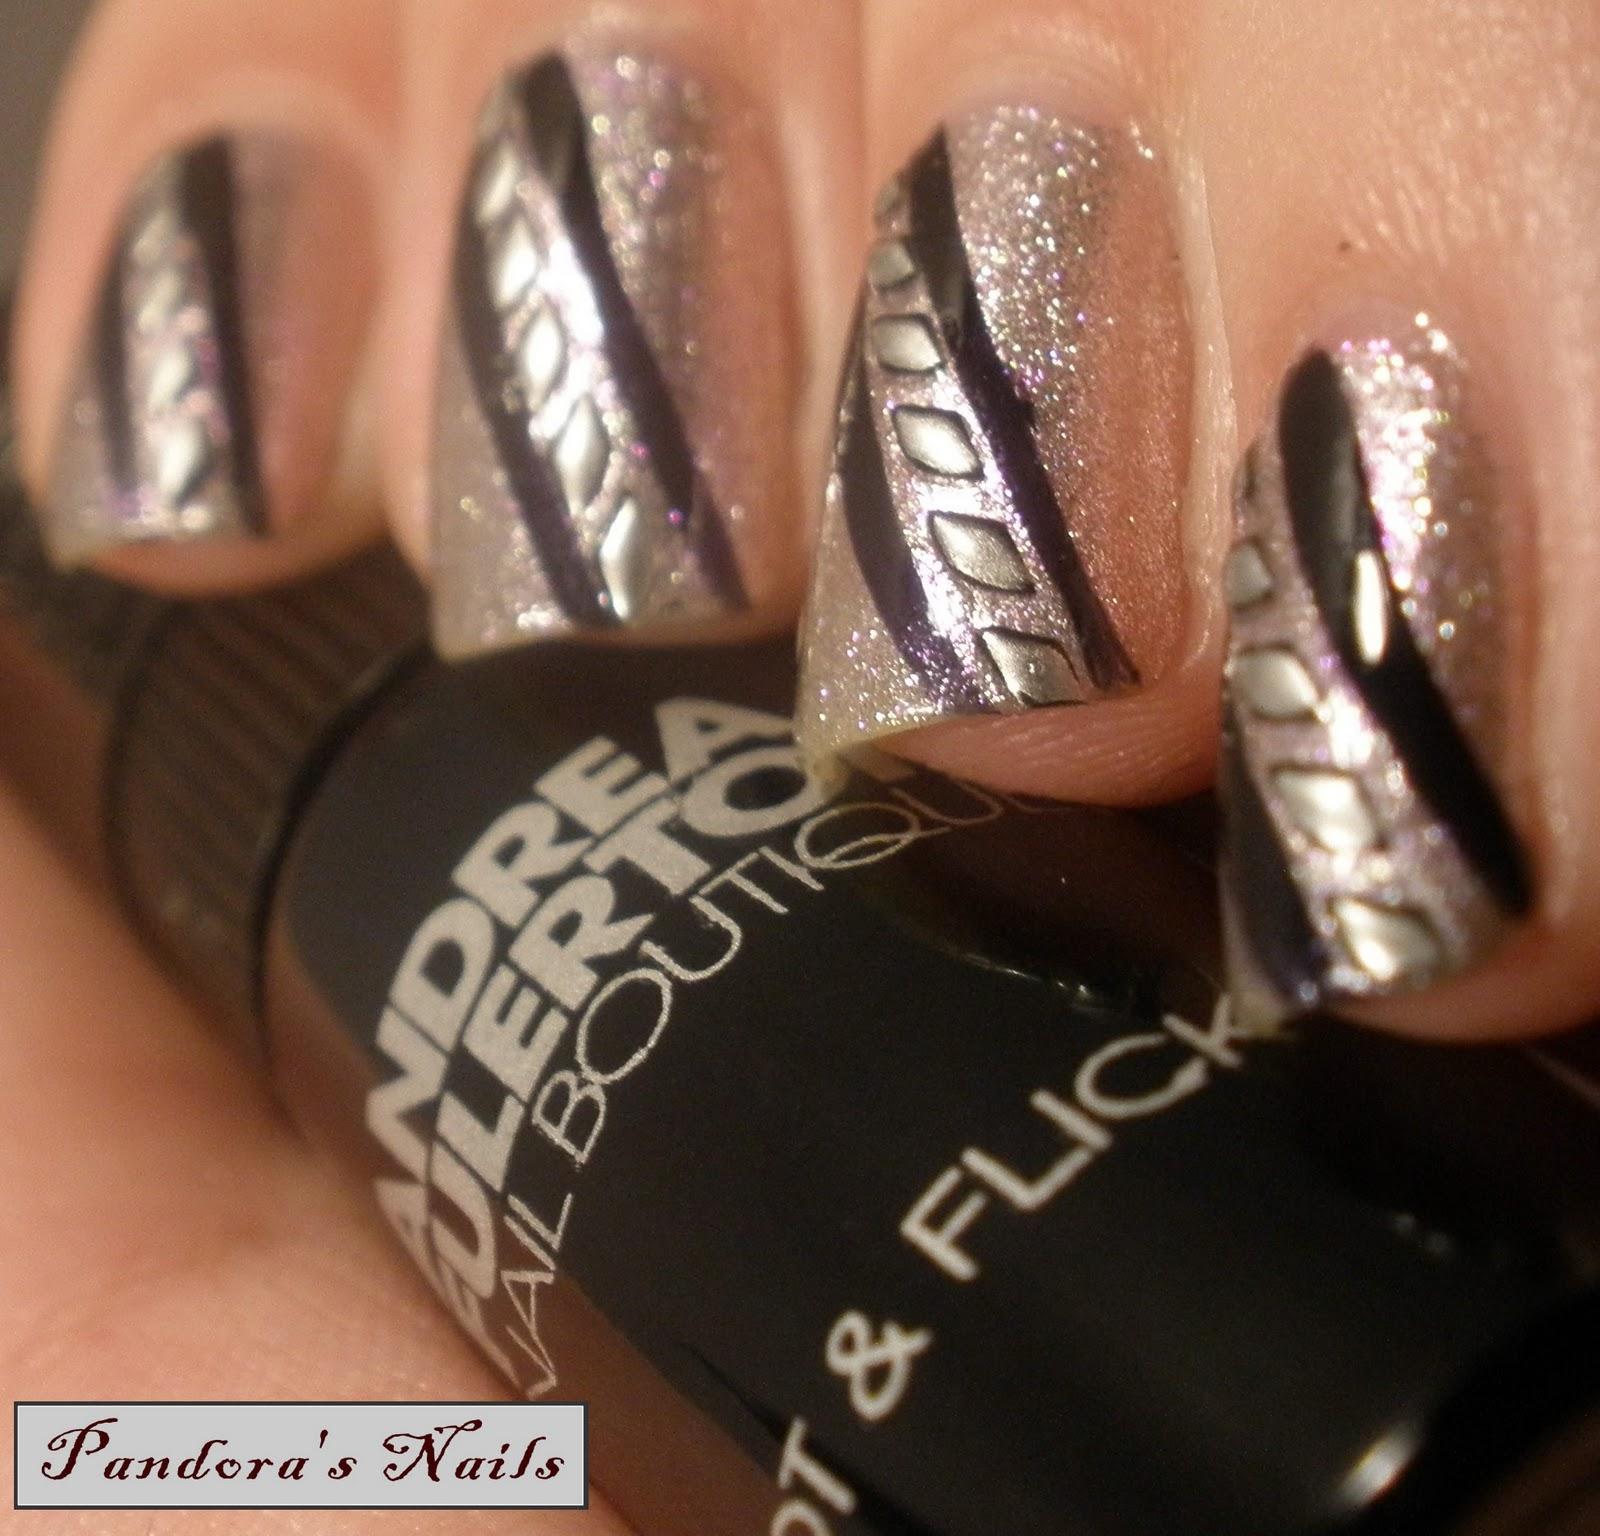 Pandora\'s Nails: October 2011